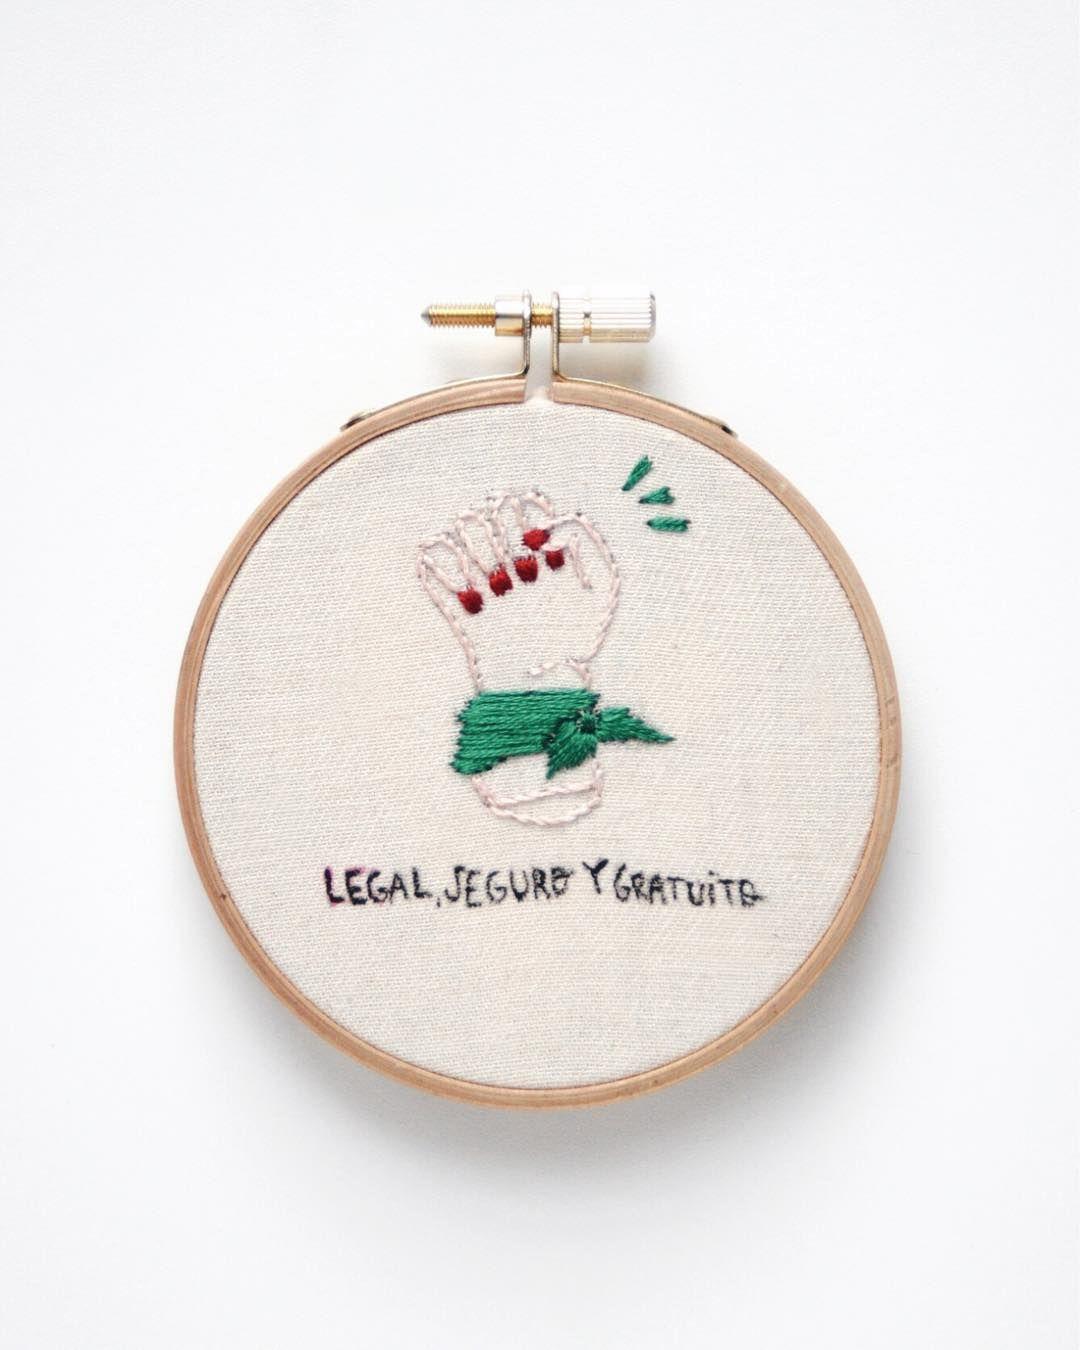 62ed1d5a53b1 Aborto legal seguro y gratuito.  quesealey Bordé está ilustración hecha  por   eugendibuja invito a que vean su cuenta y todo lo hermoso que hace